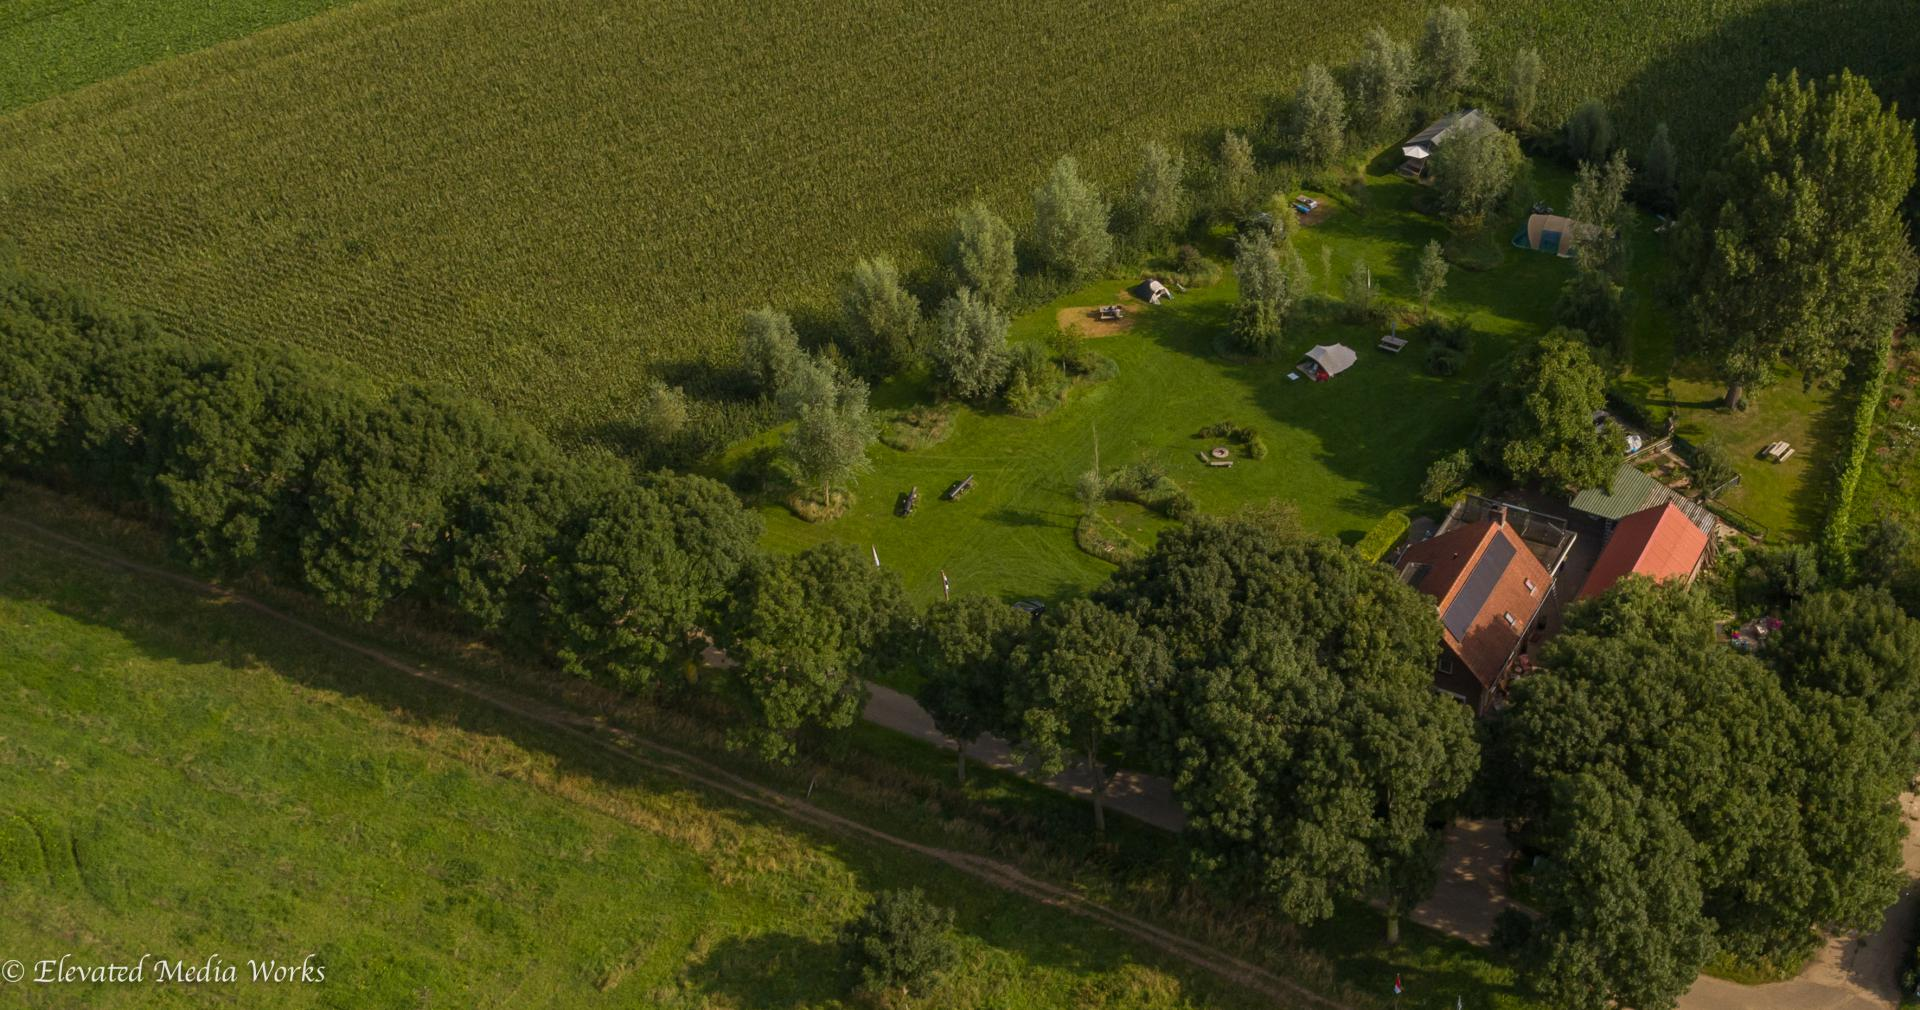 Camping De Maasakker Trekkerstent Megen, Noord-Brabant